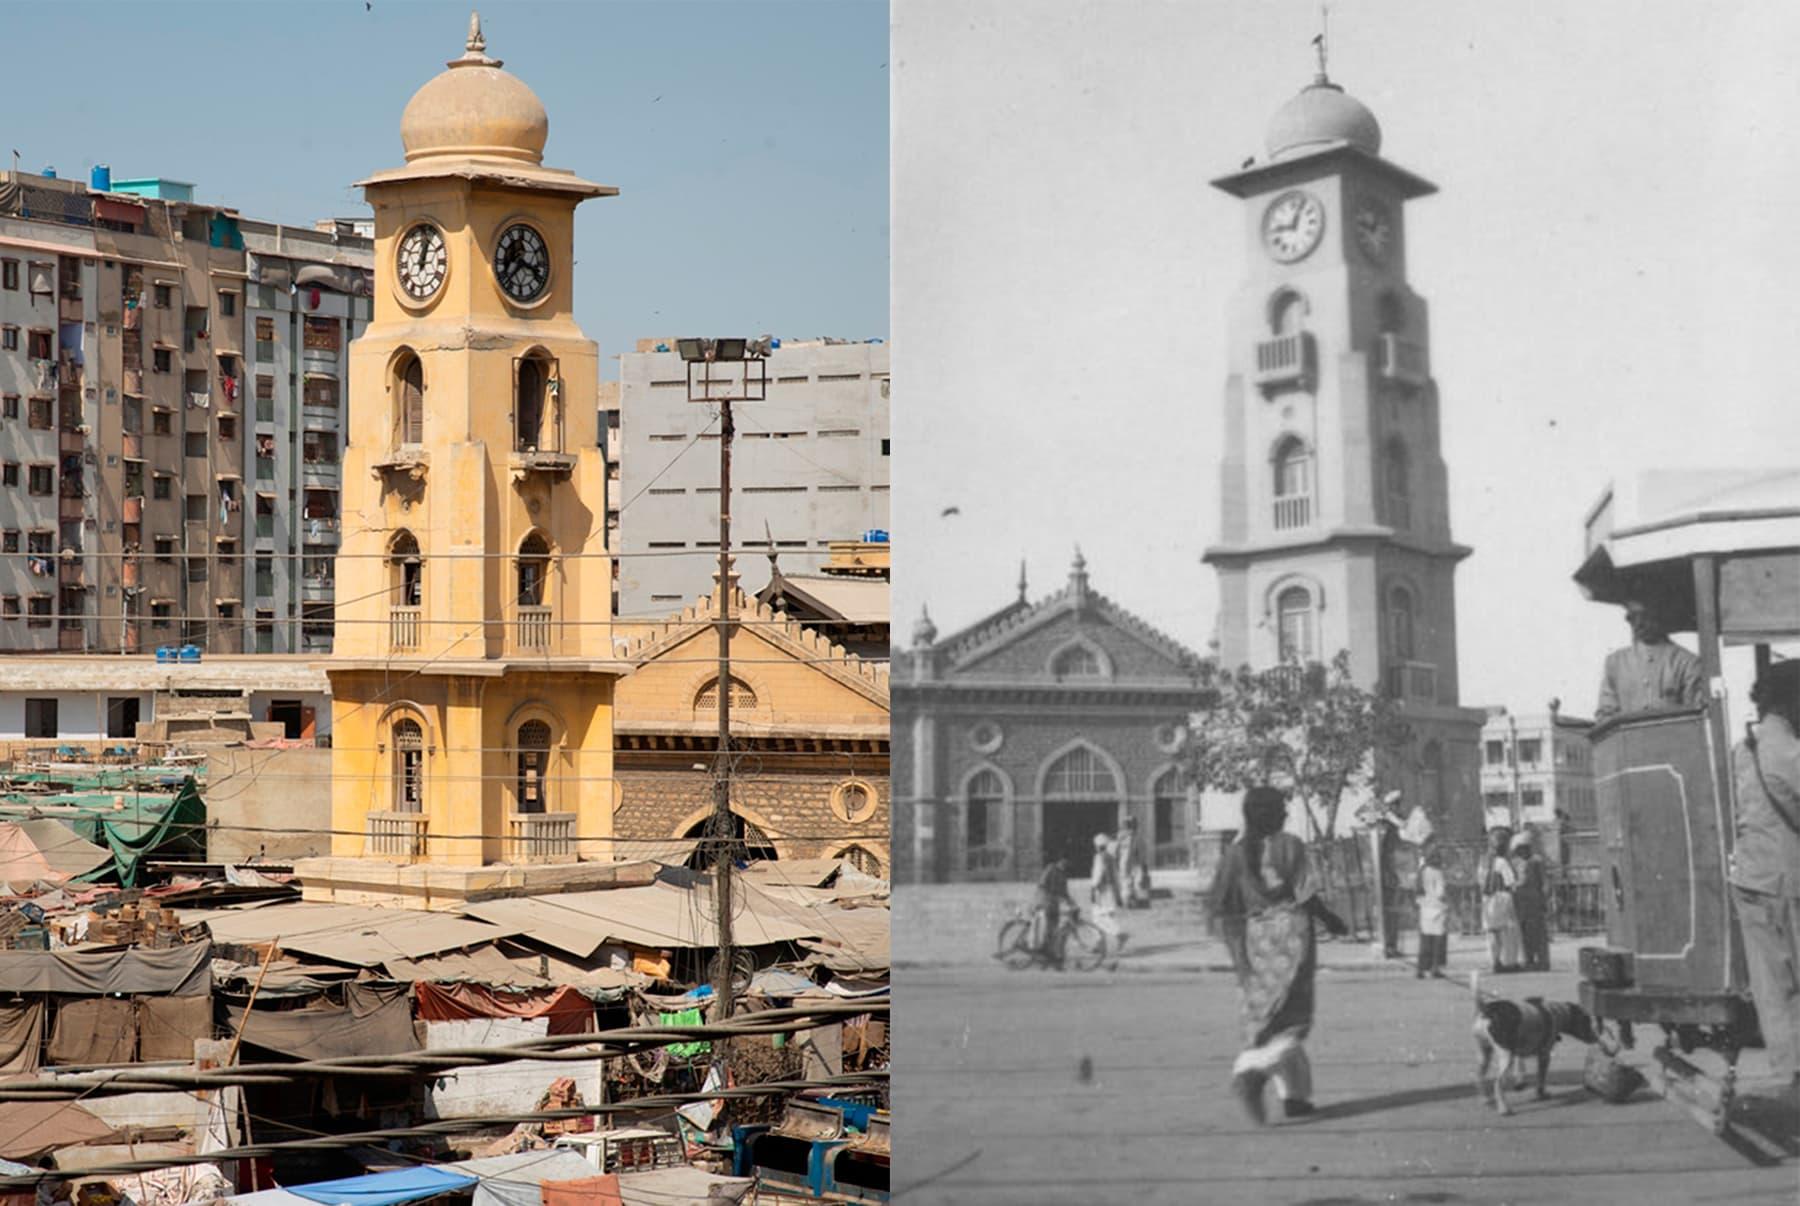 (دائیں)40ء کی دہائی میں لی مارکیٹ کا نظارہ، (بائیں) لی مارکیٹ کا موجودہ نظارہ